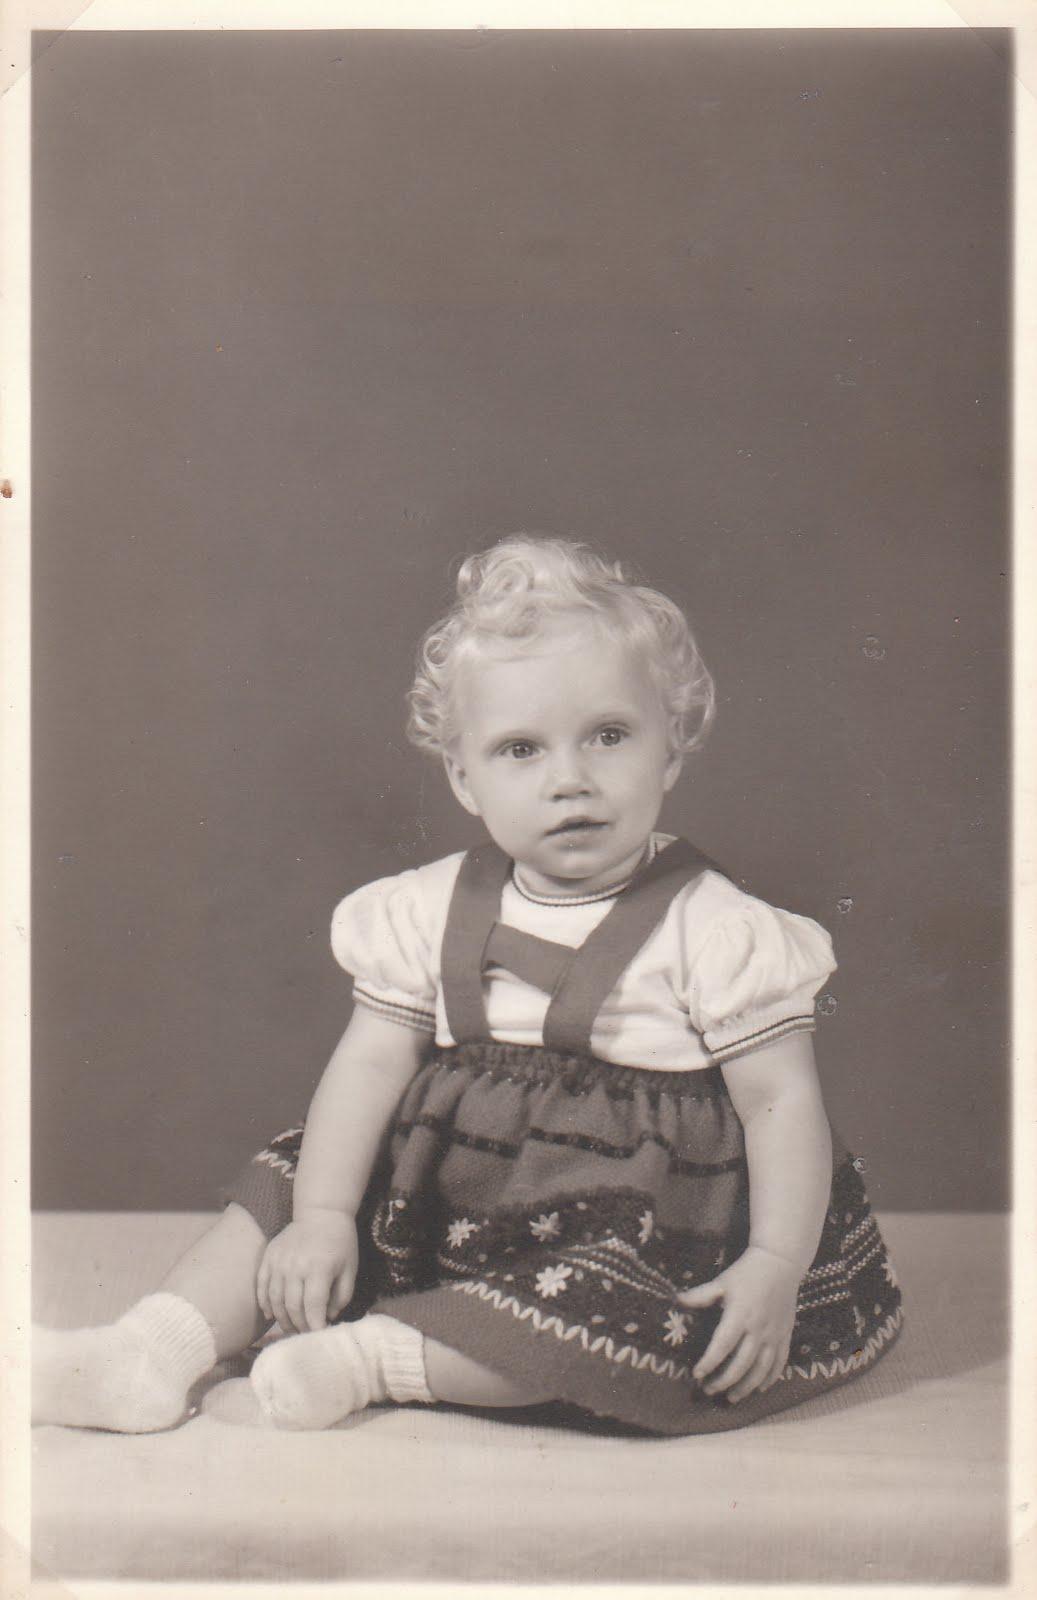 All about vintage oude foto 39 s van mezelf - Jaar oude meisje kamer foto ...